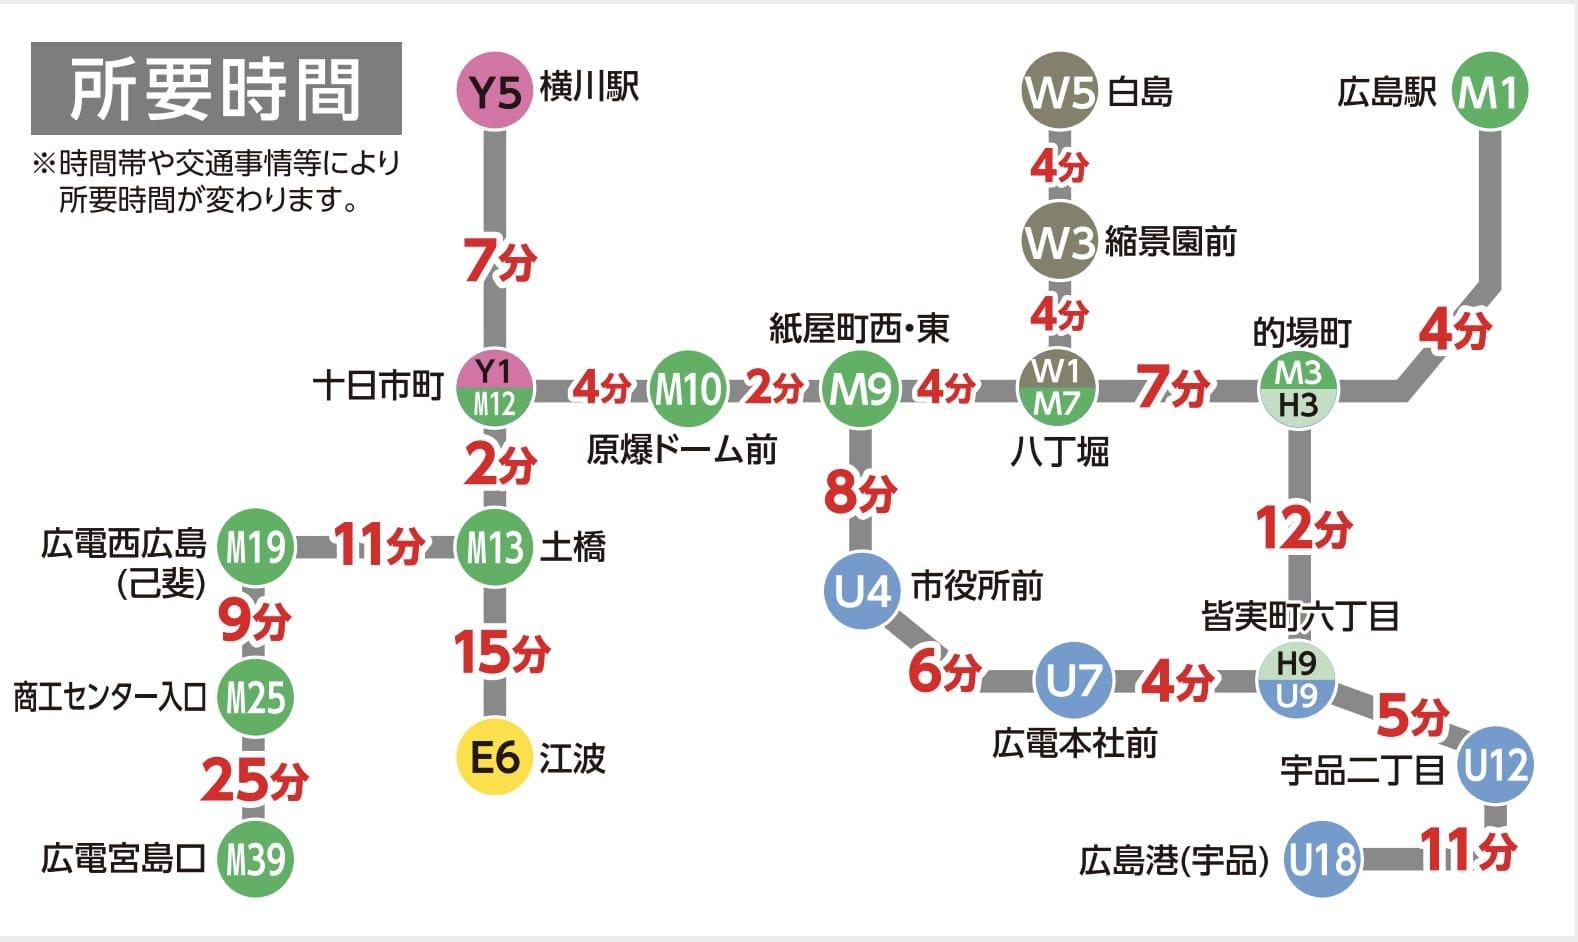 廣島市區交通|廣島路面電車、廣島路面電車一日券、搭車方式